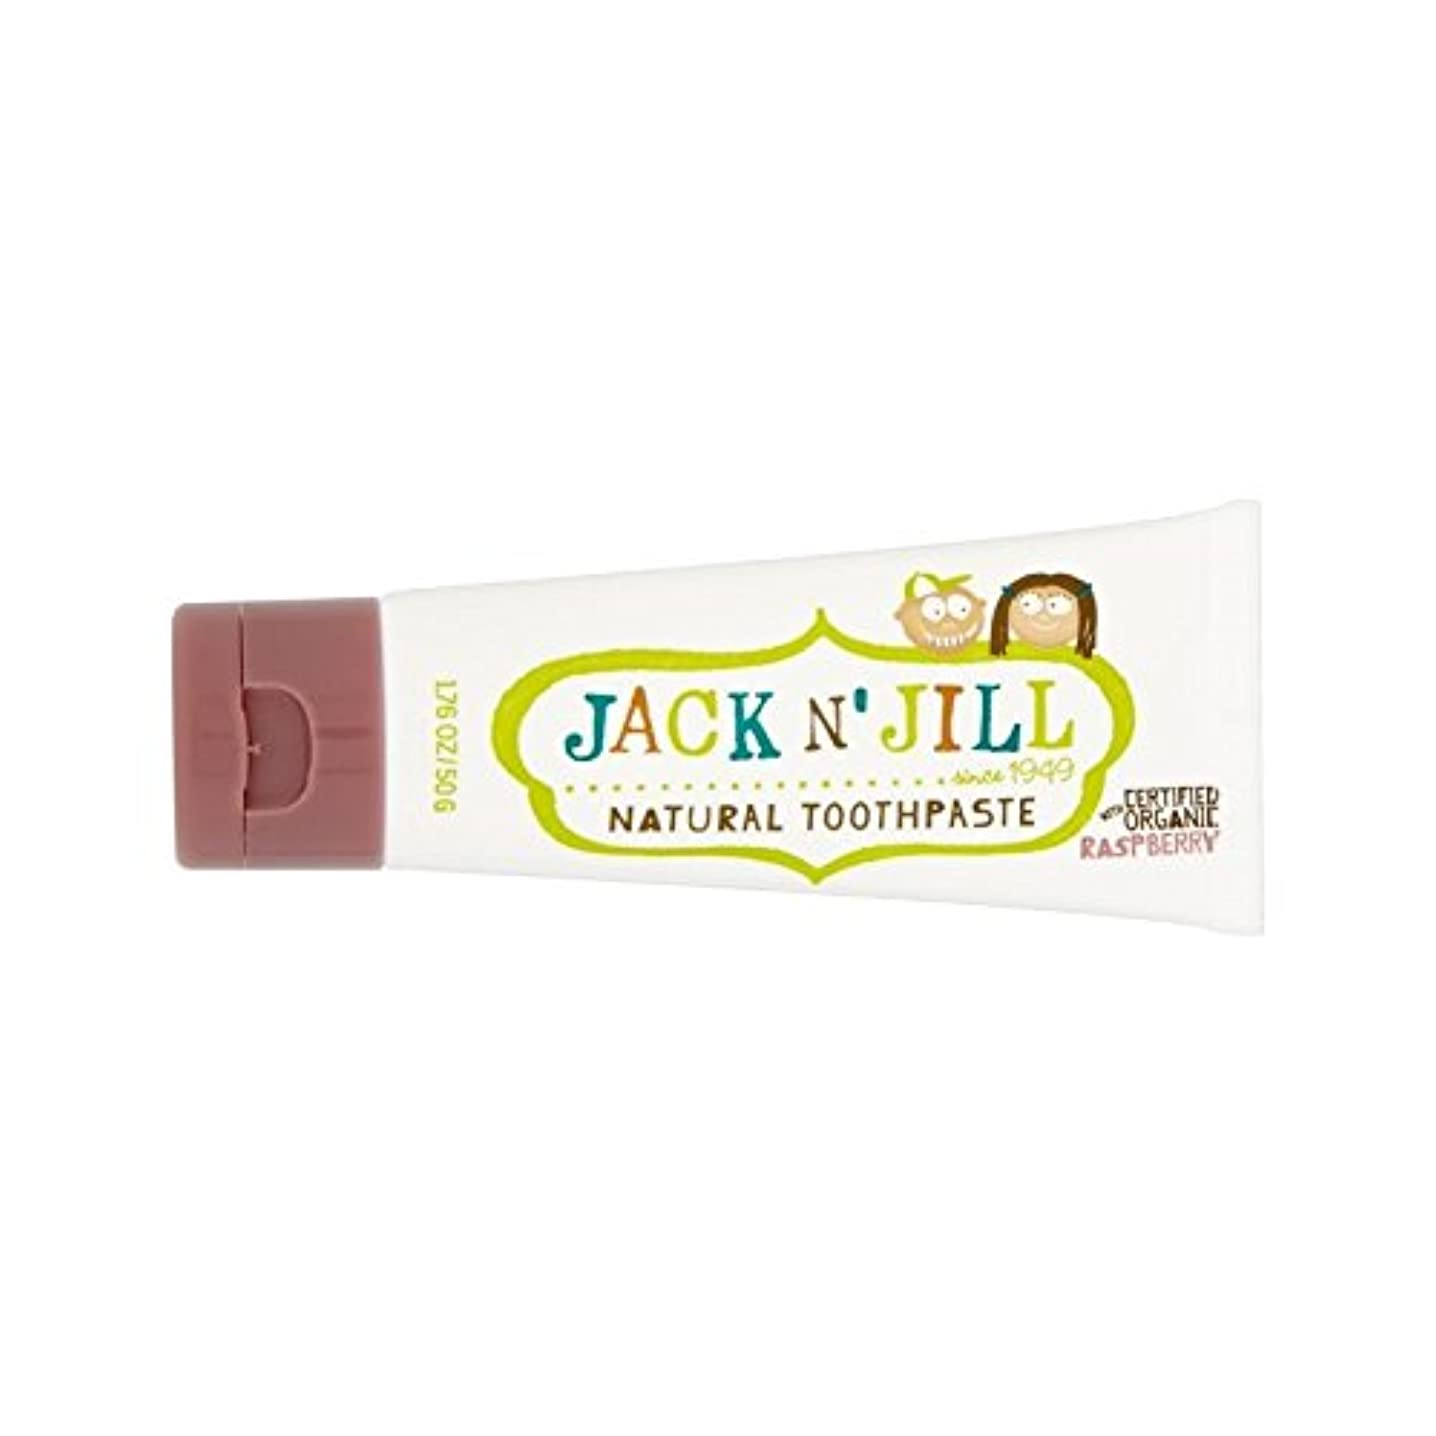 さておき驚いた反乱有機香味50グラム天然ラズベリー歯磨き粉 (Jack N Jill) - Jack N' Jill Raspberry Toothpaste Natural with Organic Flavouring 50g [並行輸入品]